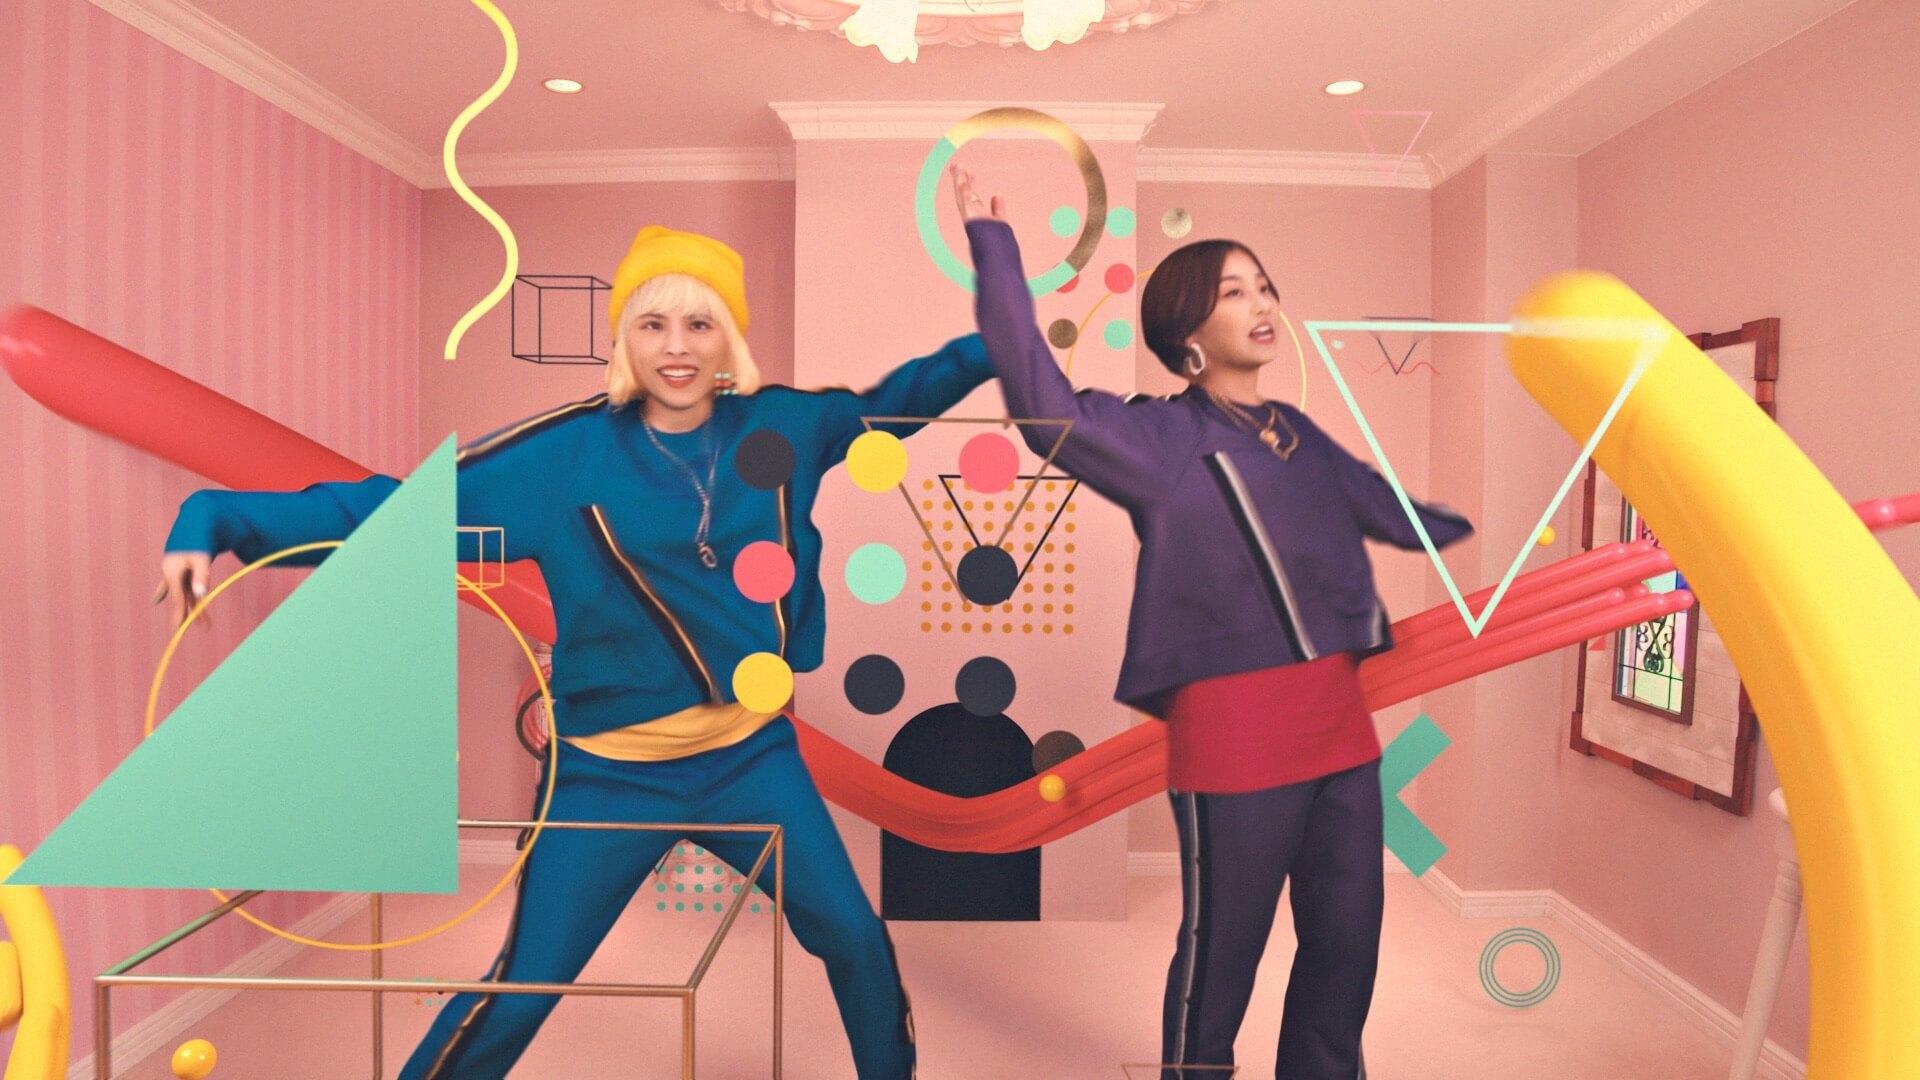 chelmico、アニメ『映像研には手を出すな!』主題歌「Easy Breezy」のMVを公開 music200119_chelmico_3